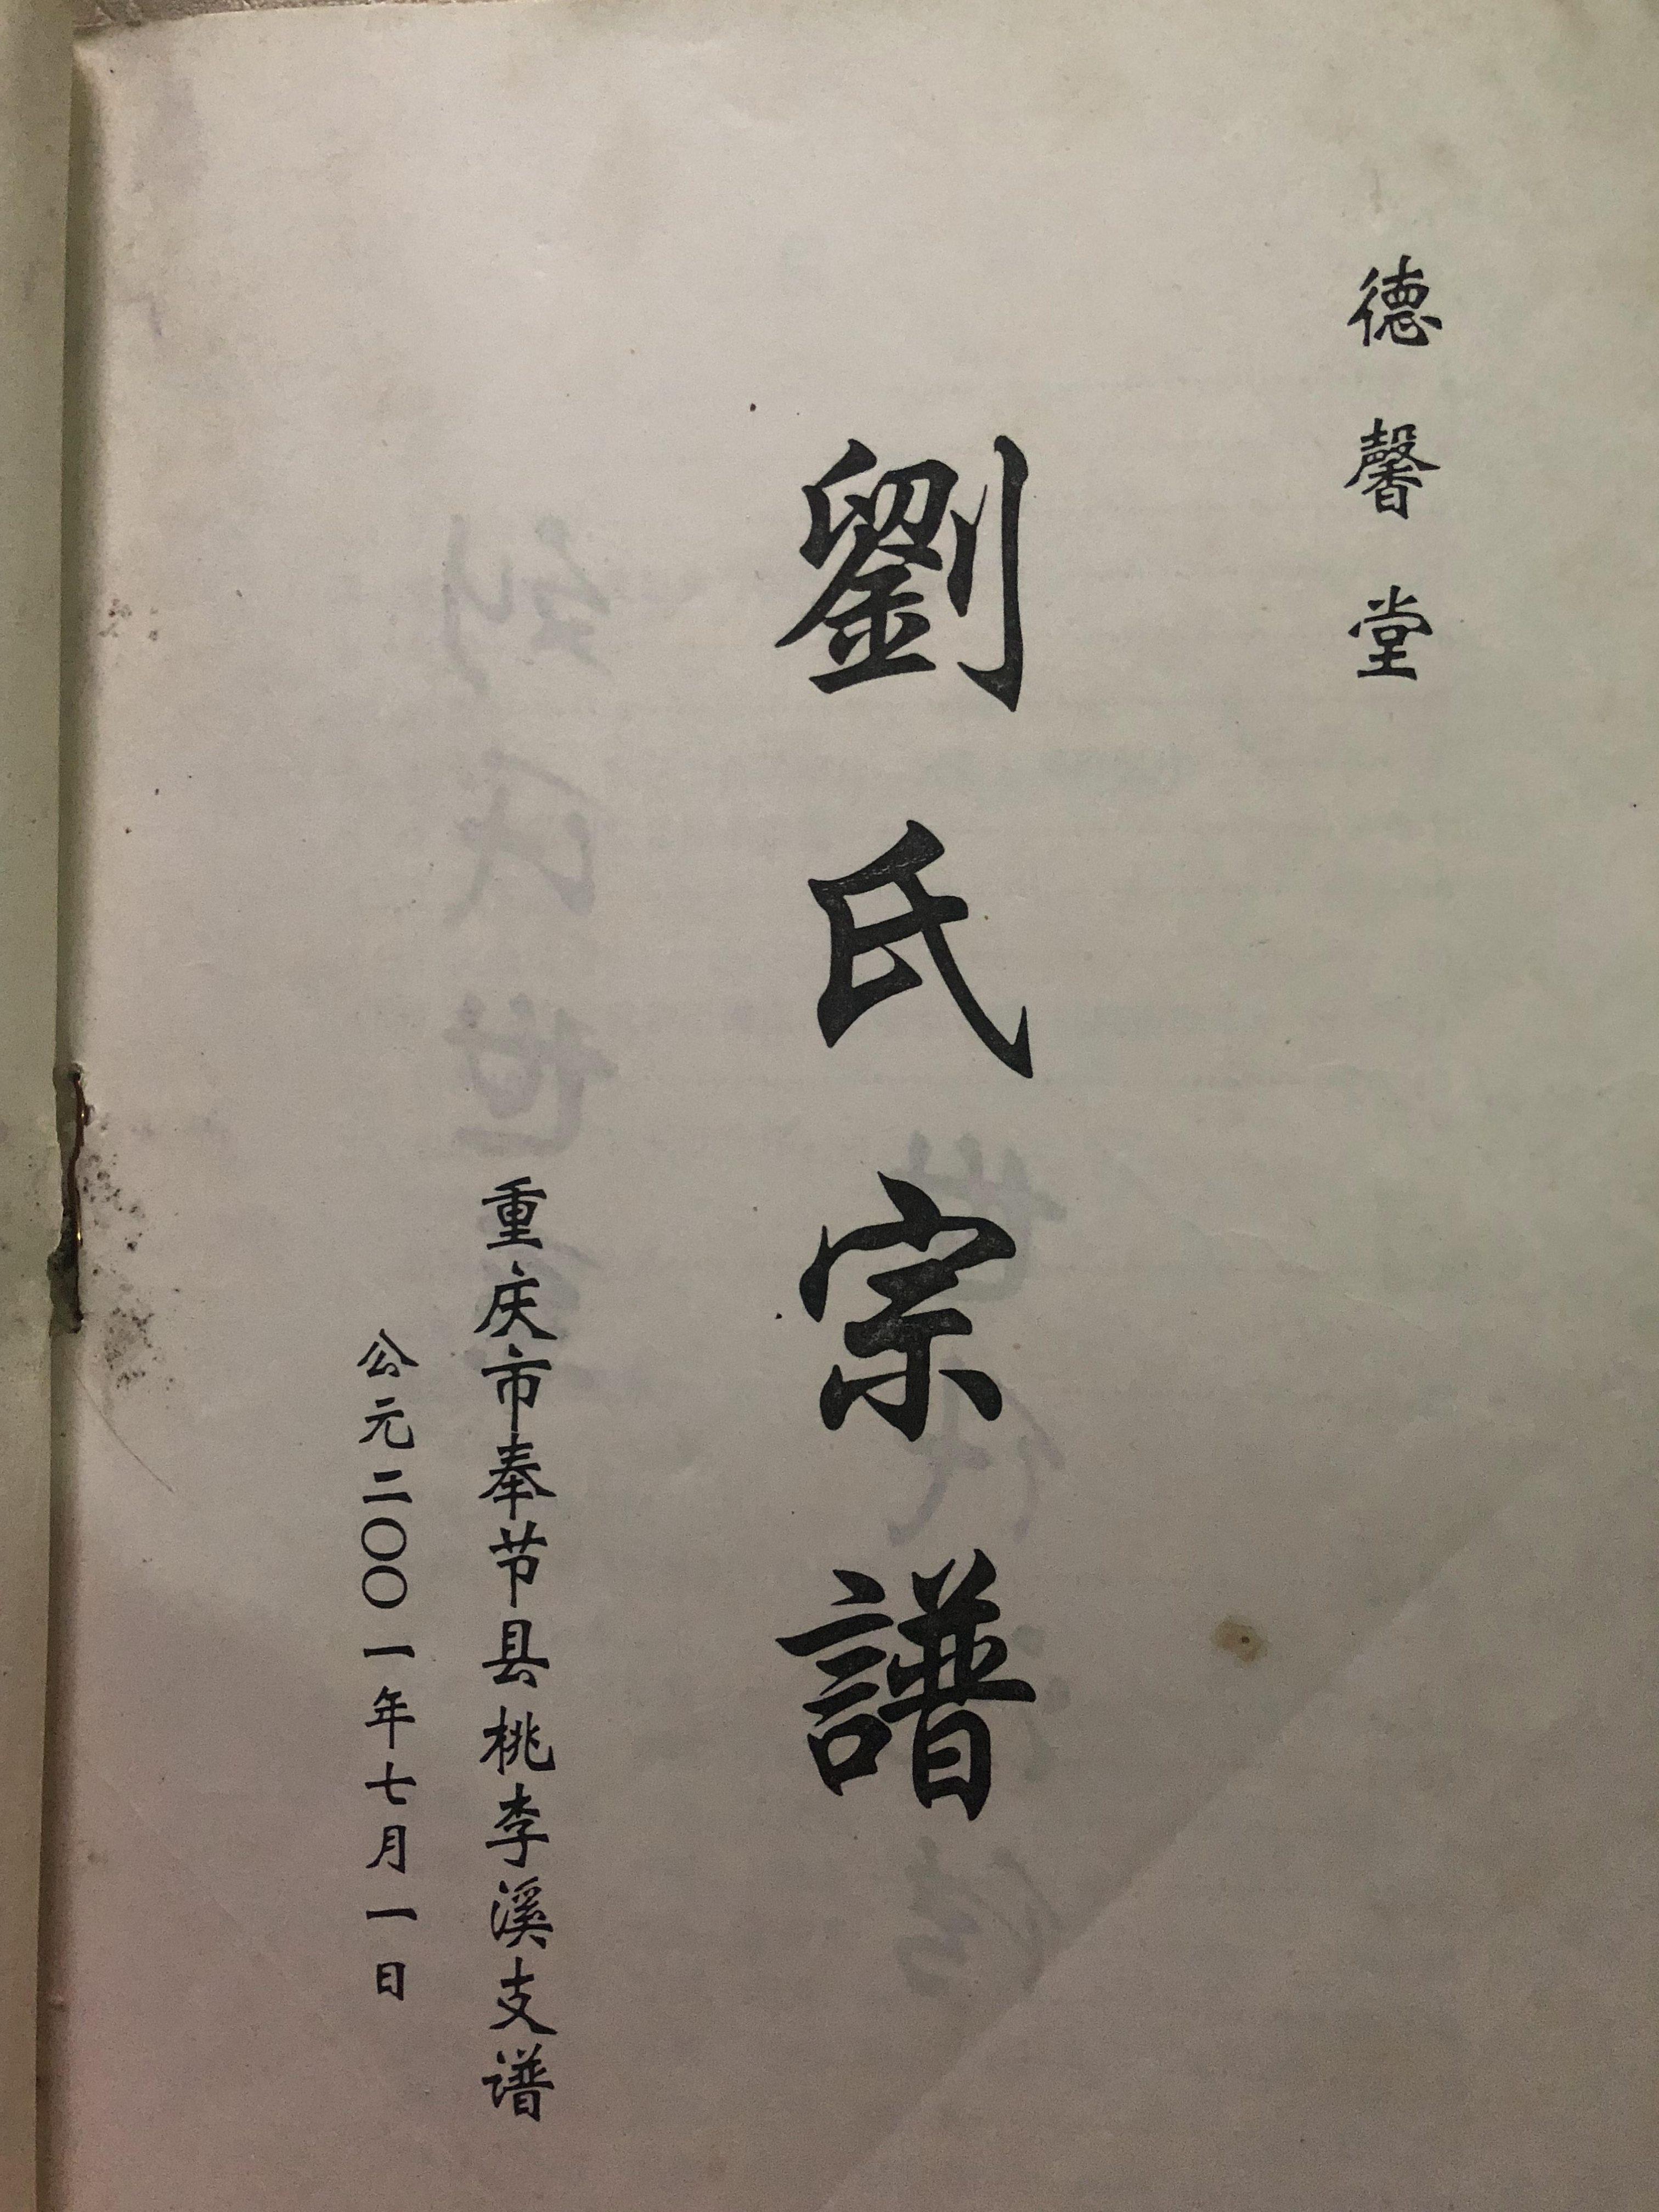 刘氏宗谱 — 德馨堂-幂构社区